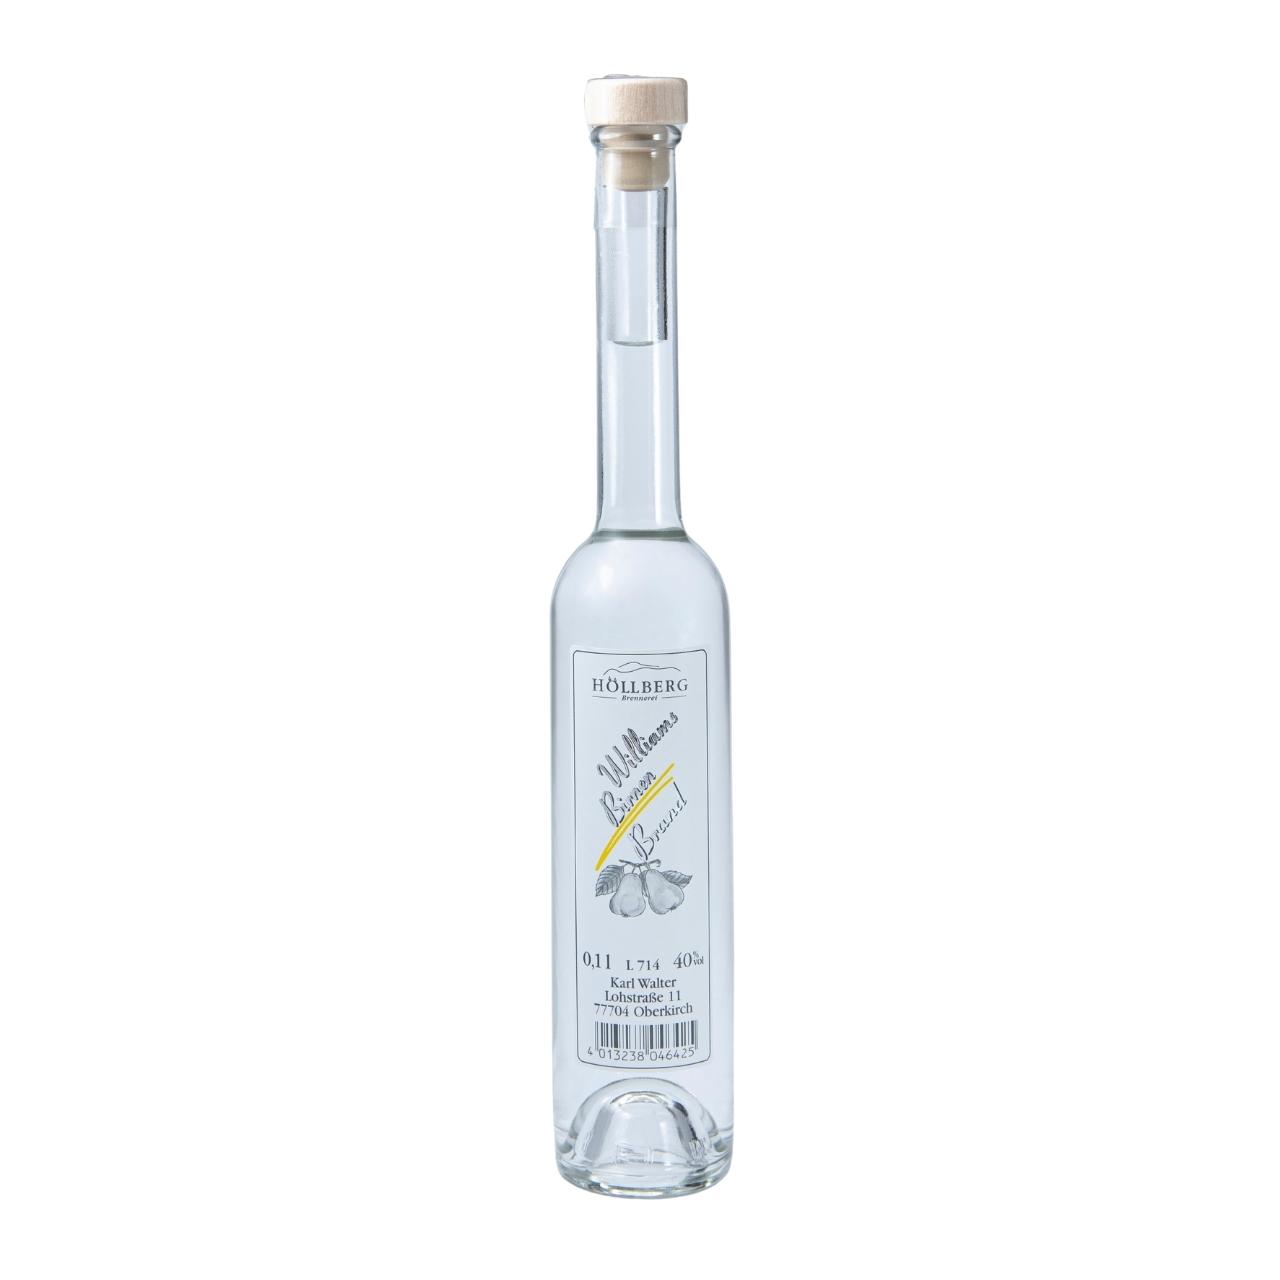 0,1 Liter Platinflasche Höllberg Williams Birnenbrand